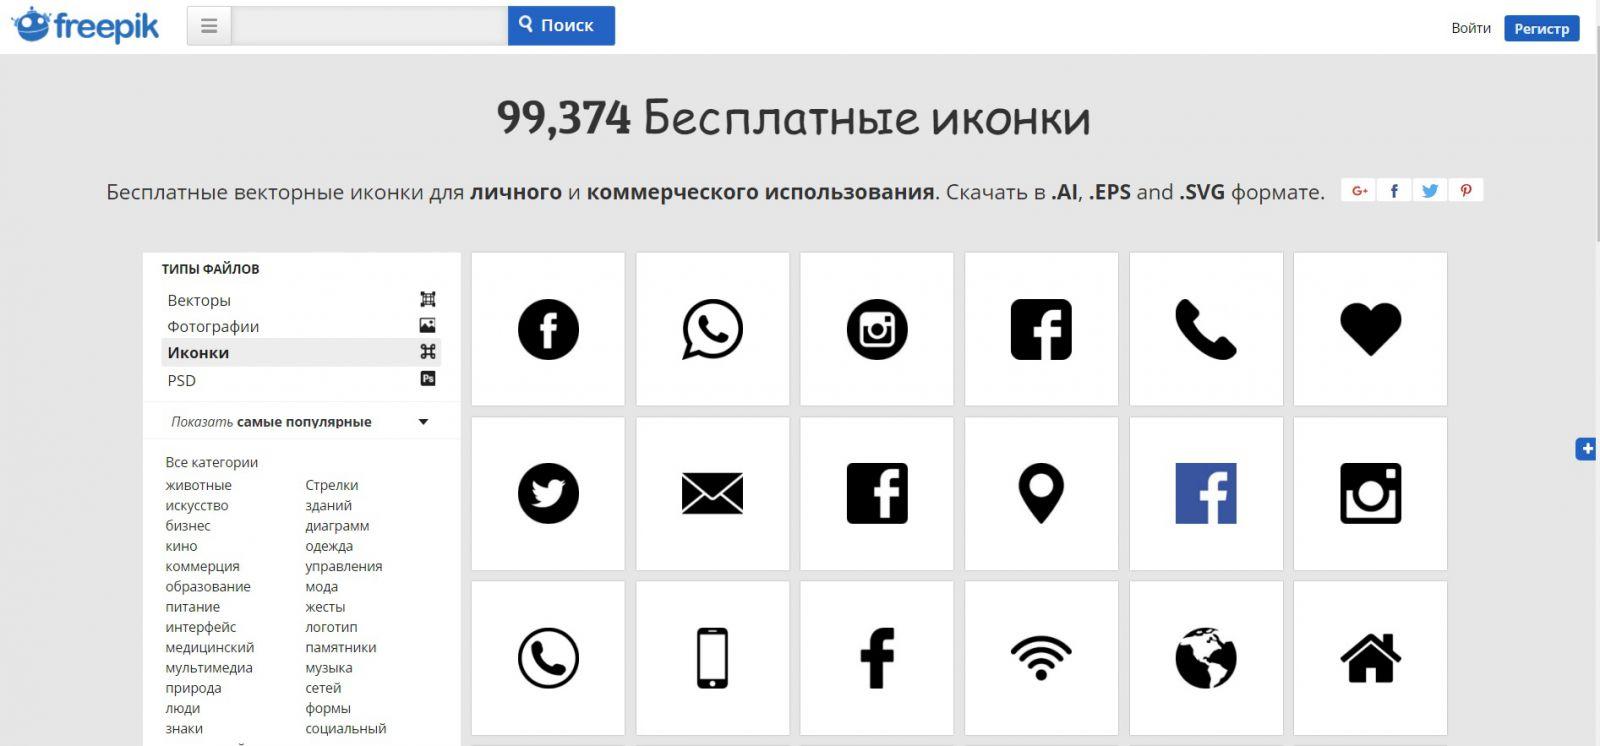 Бесплатные иконки и фото для личного и коммерческого использования Freepik